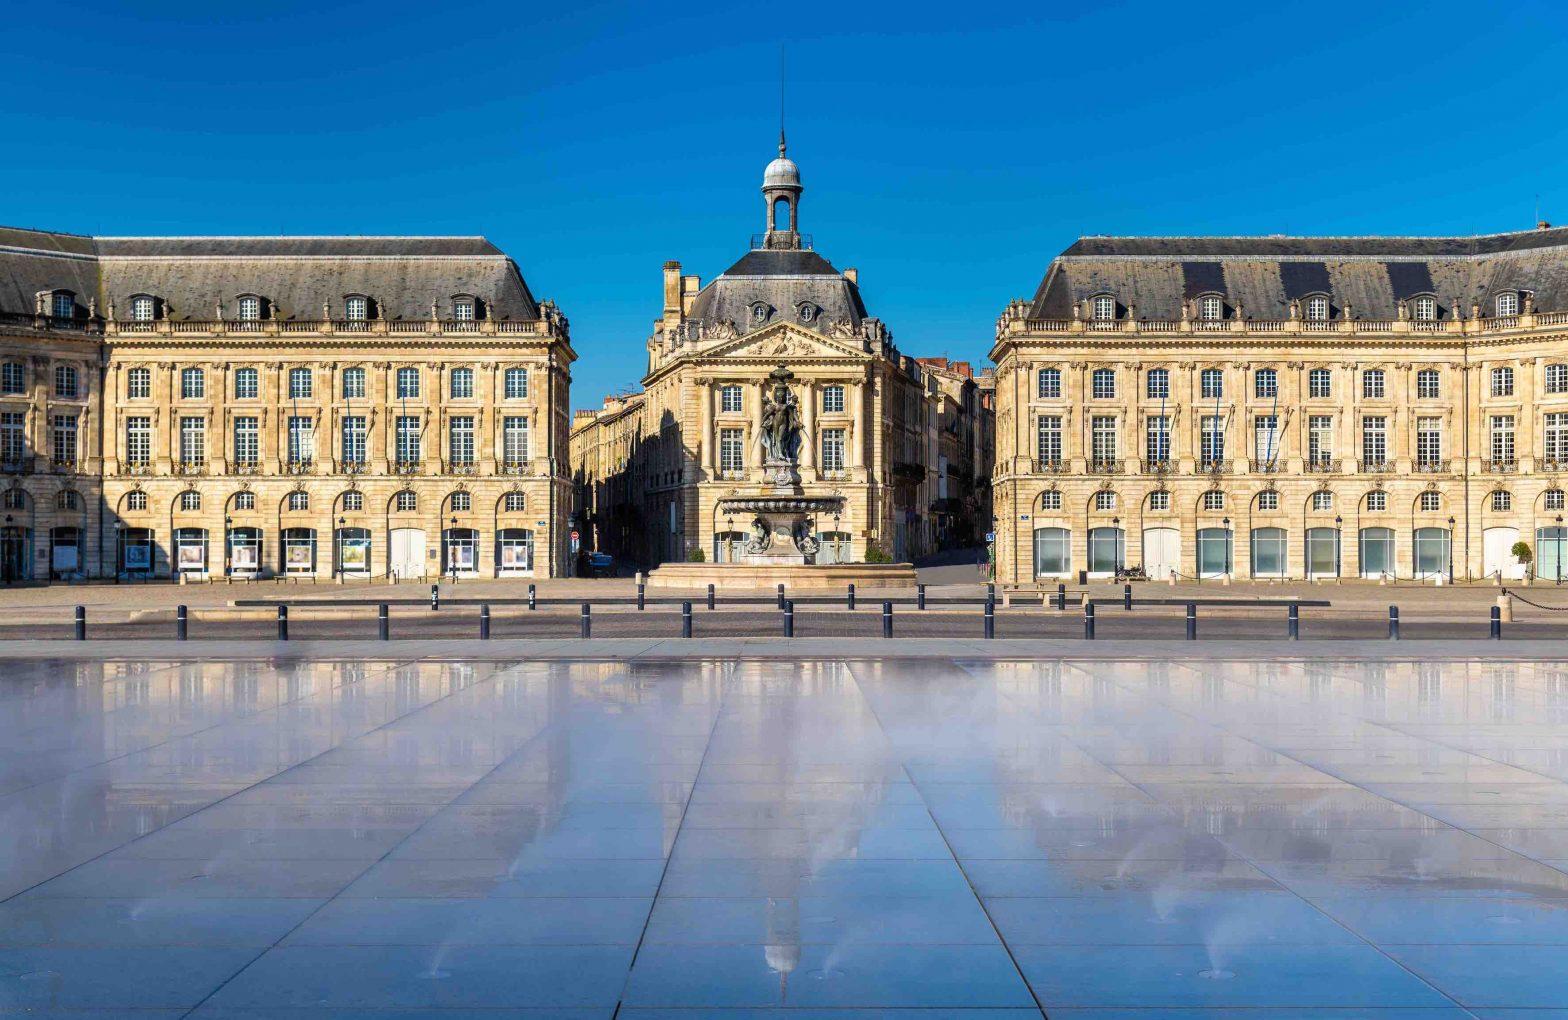 https://www.hopen.fr/blog/inspiration-quel-style-de-fenetre-habitation-bordeaux/